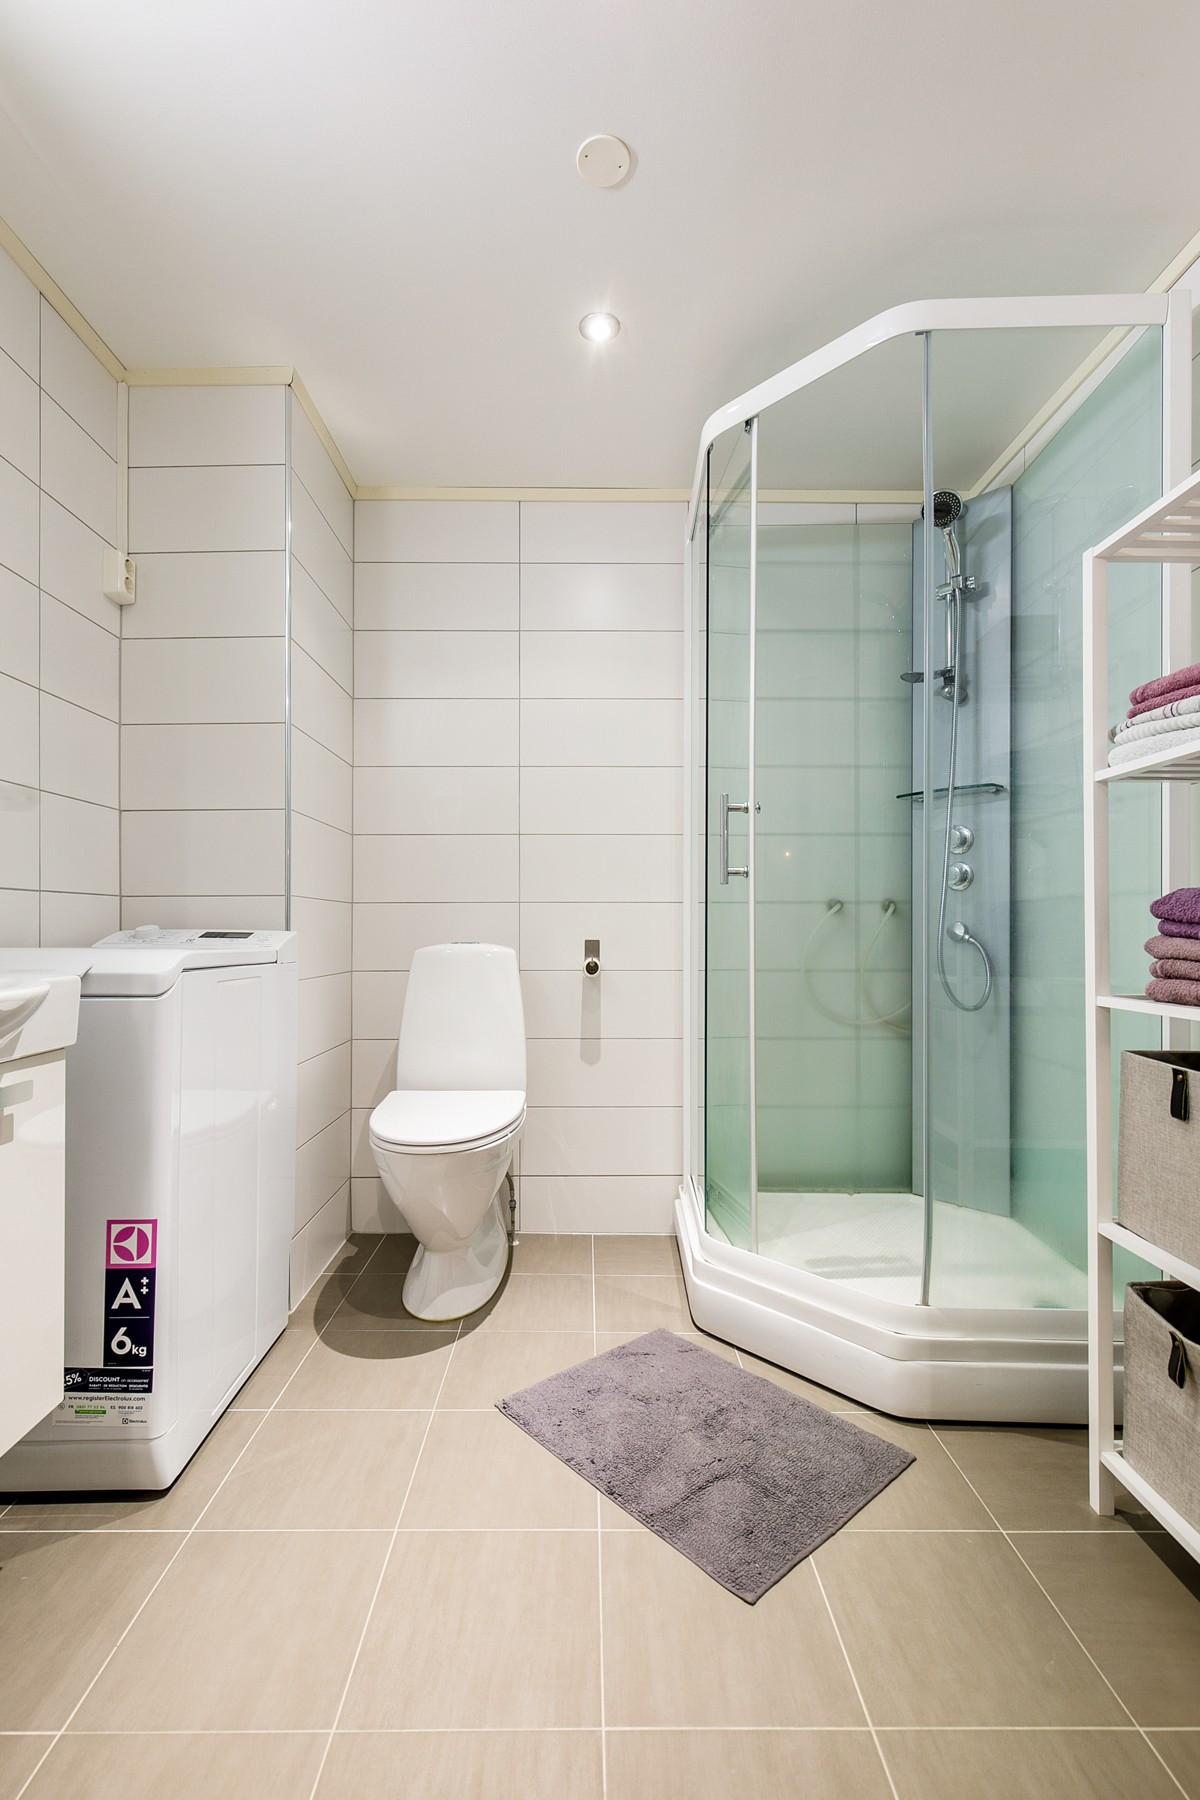 Komplett fliselagt baderom i lyse farger, med dusjkabinett og varme i gulv.